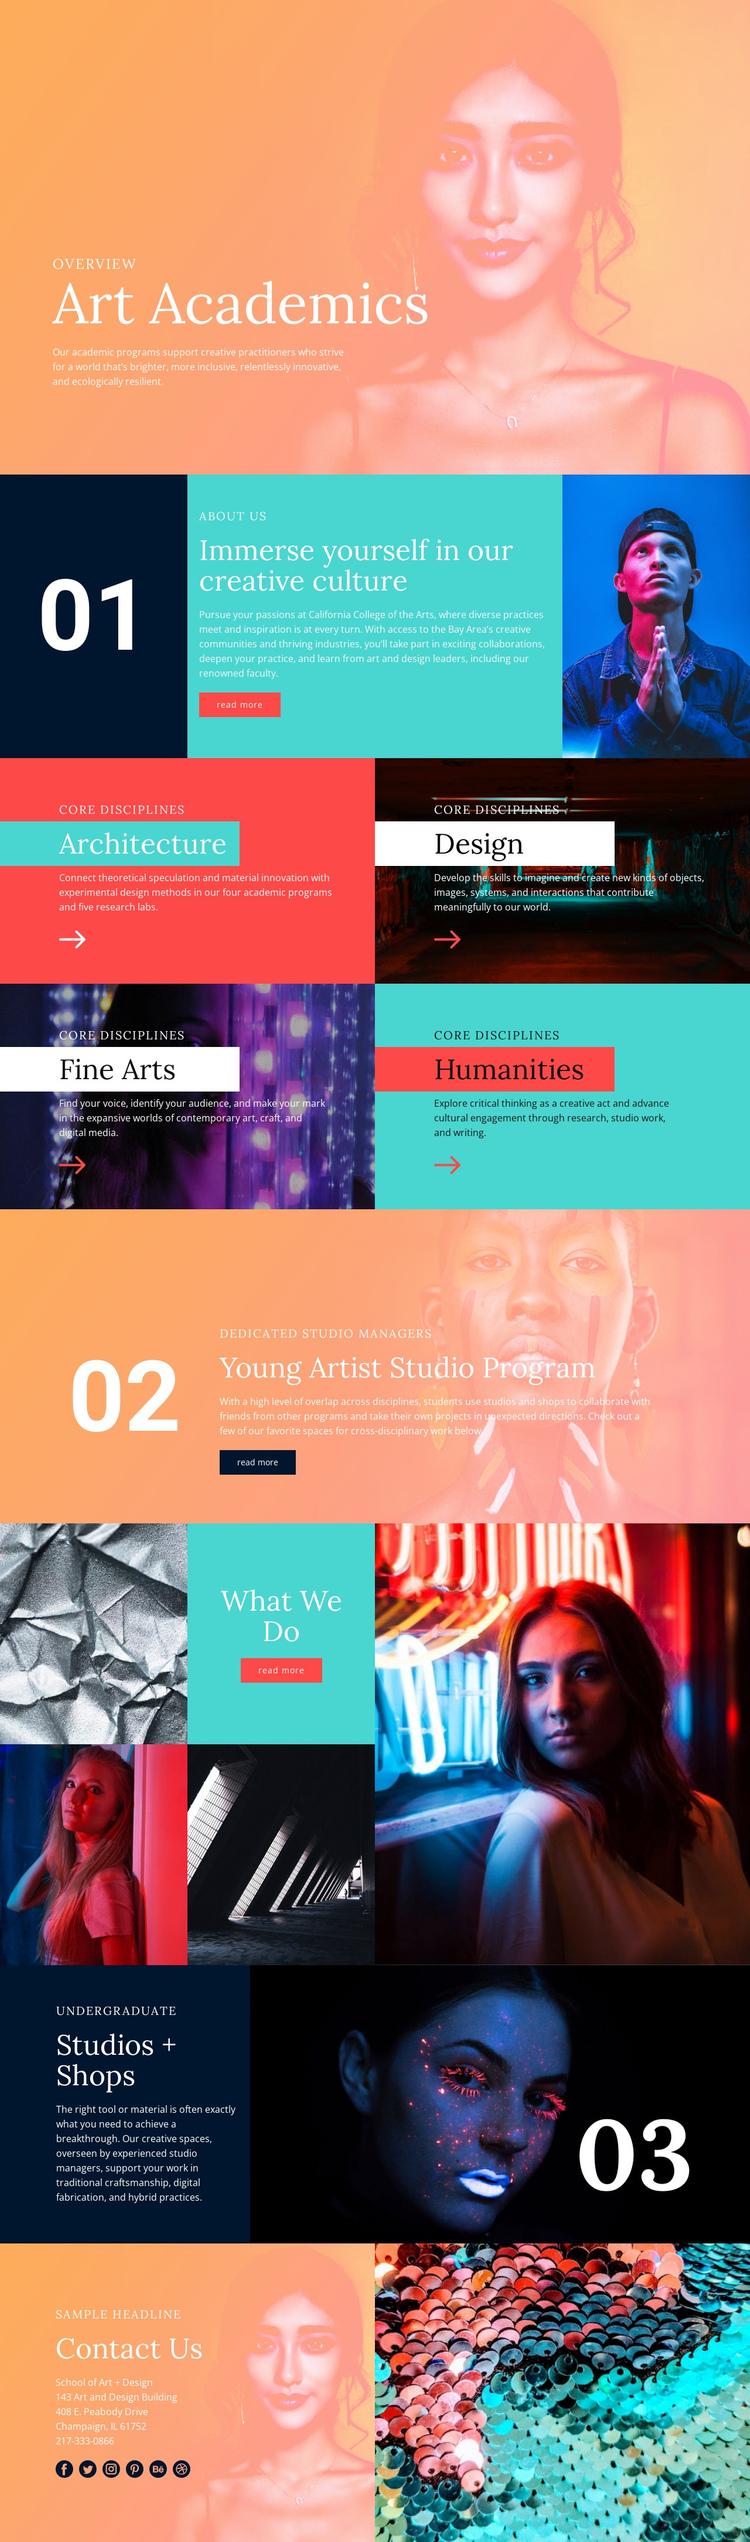 Creative culture in school Website Builder Software